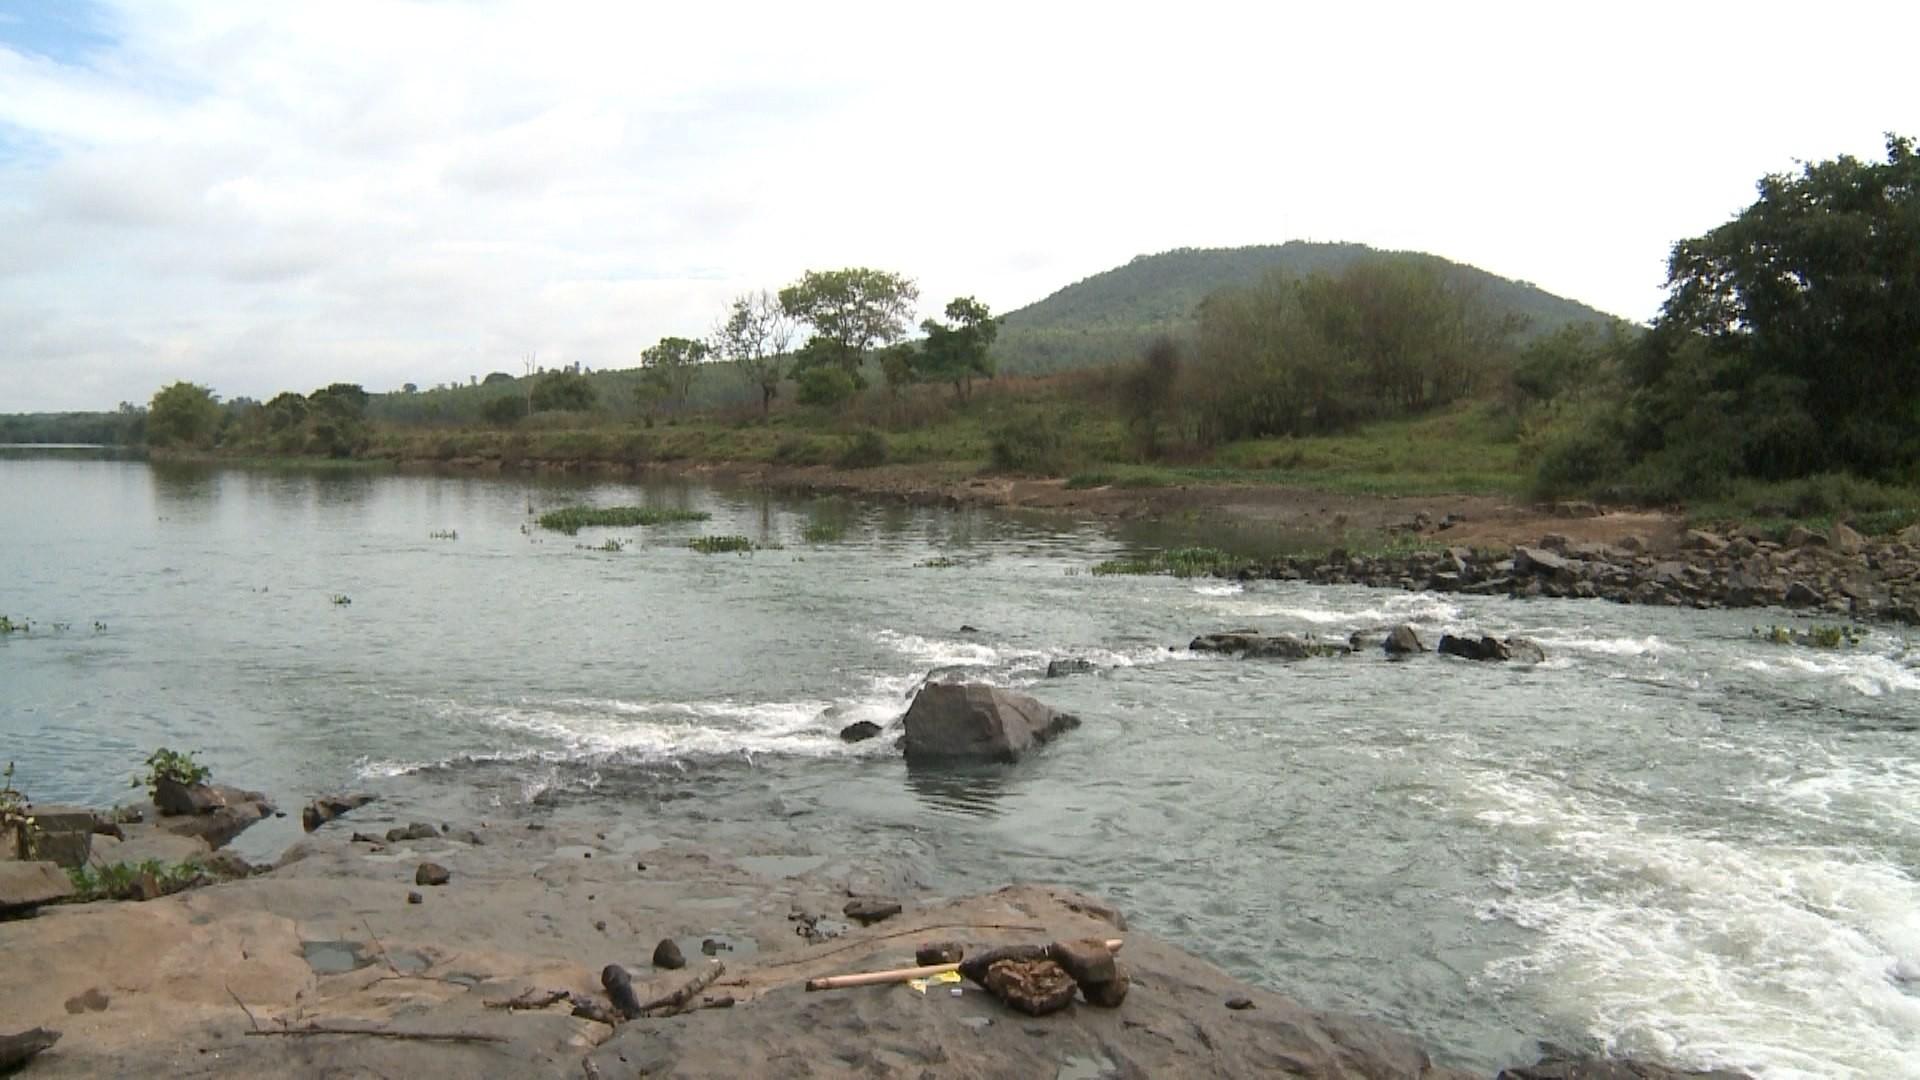 'Se não chover, a portaria pode ser prorrogada', diz coordenador do Igam sobre restrição na captação de água do Rio Pará - Notícias - Plantão Diário